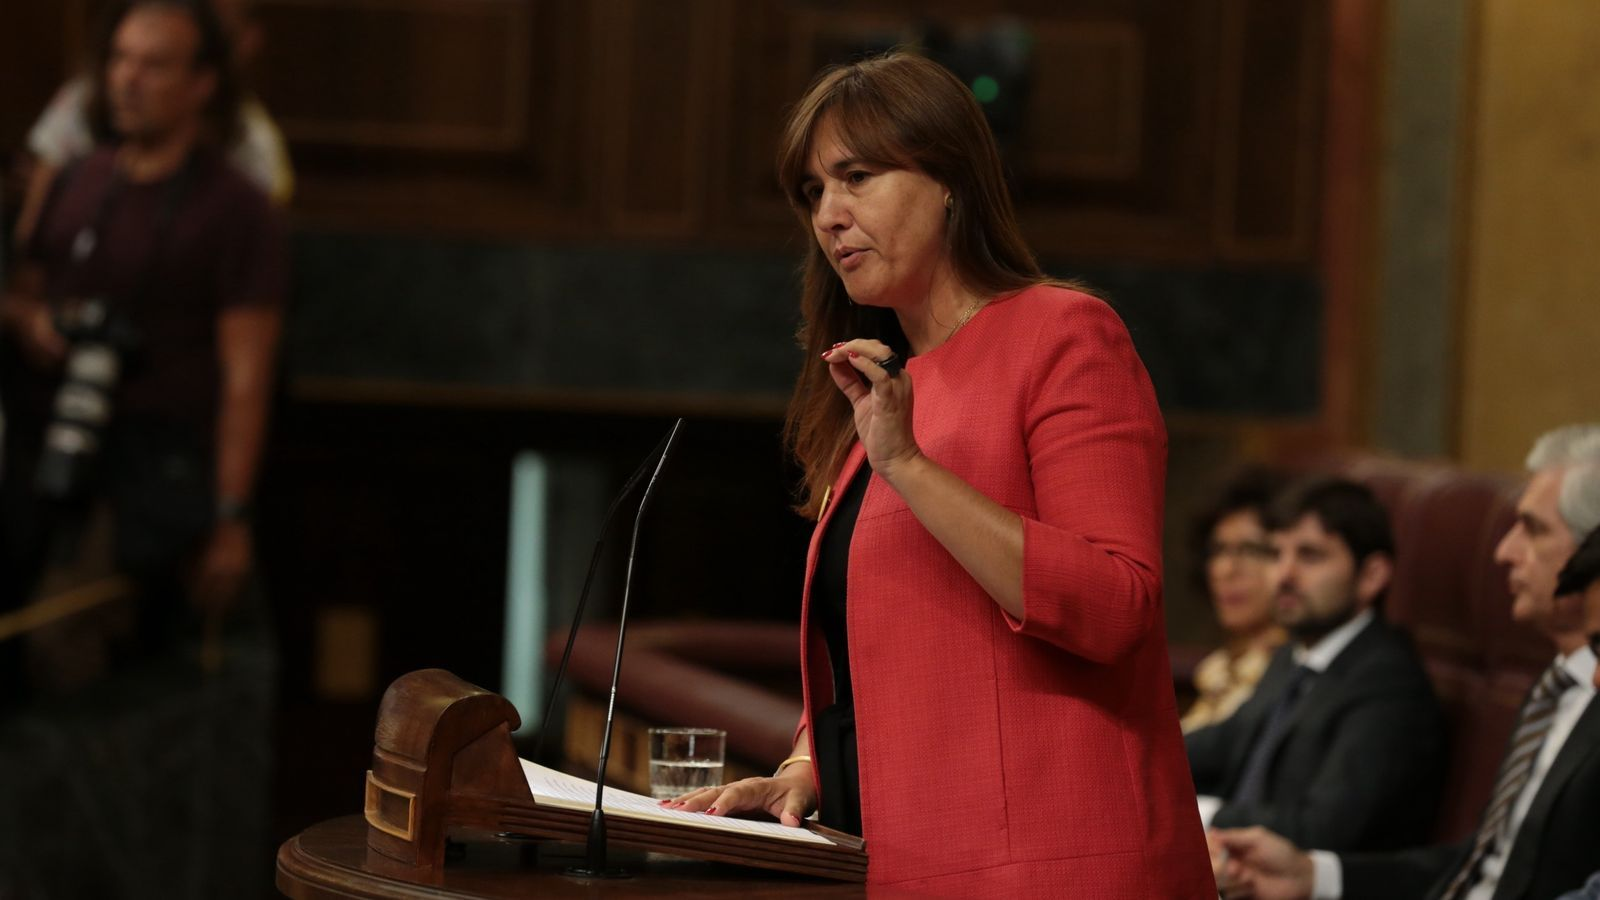 El Suprem demana el suplicatori al Congrés per investigar la presumpta prevaricació i malversació de Borràs a la ILC